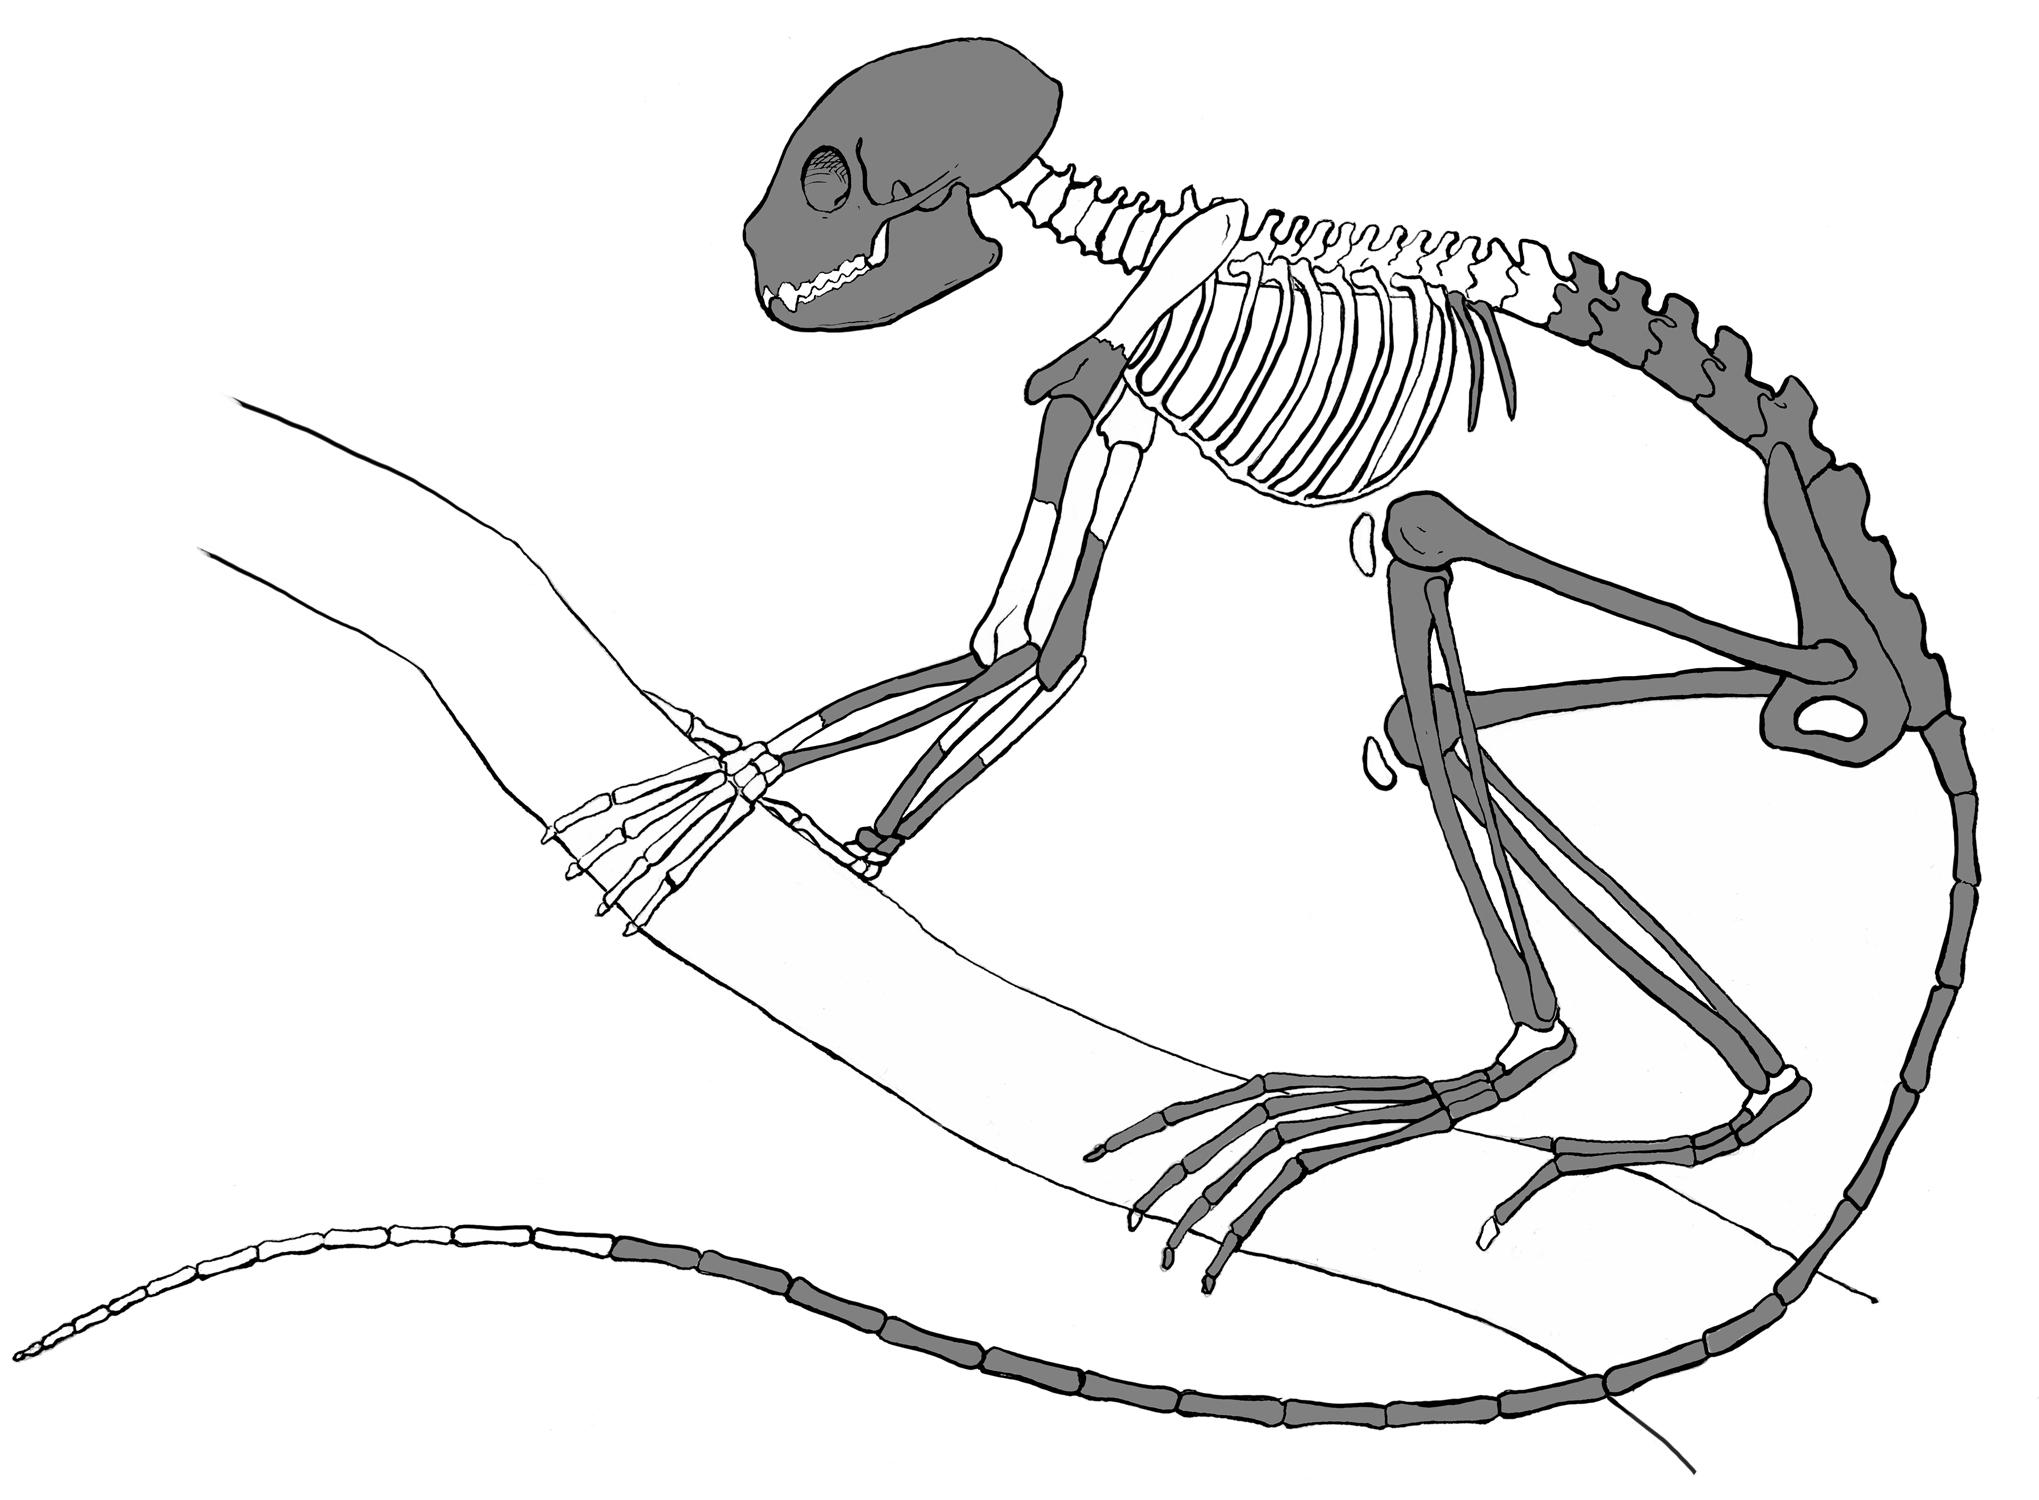 Drawn skeleton primate Skeleton discovered Oldest skeleton discovered